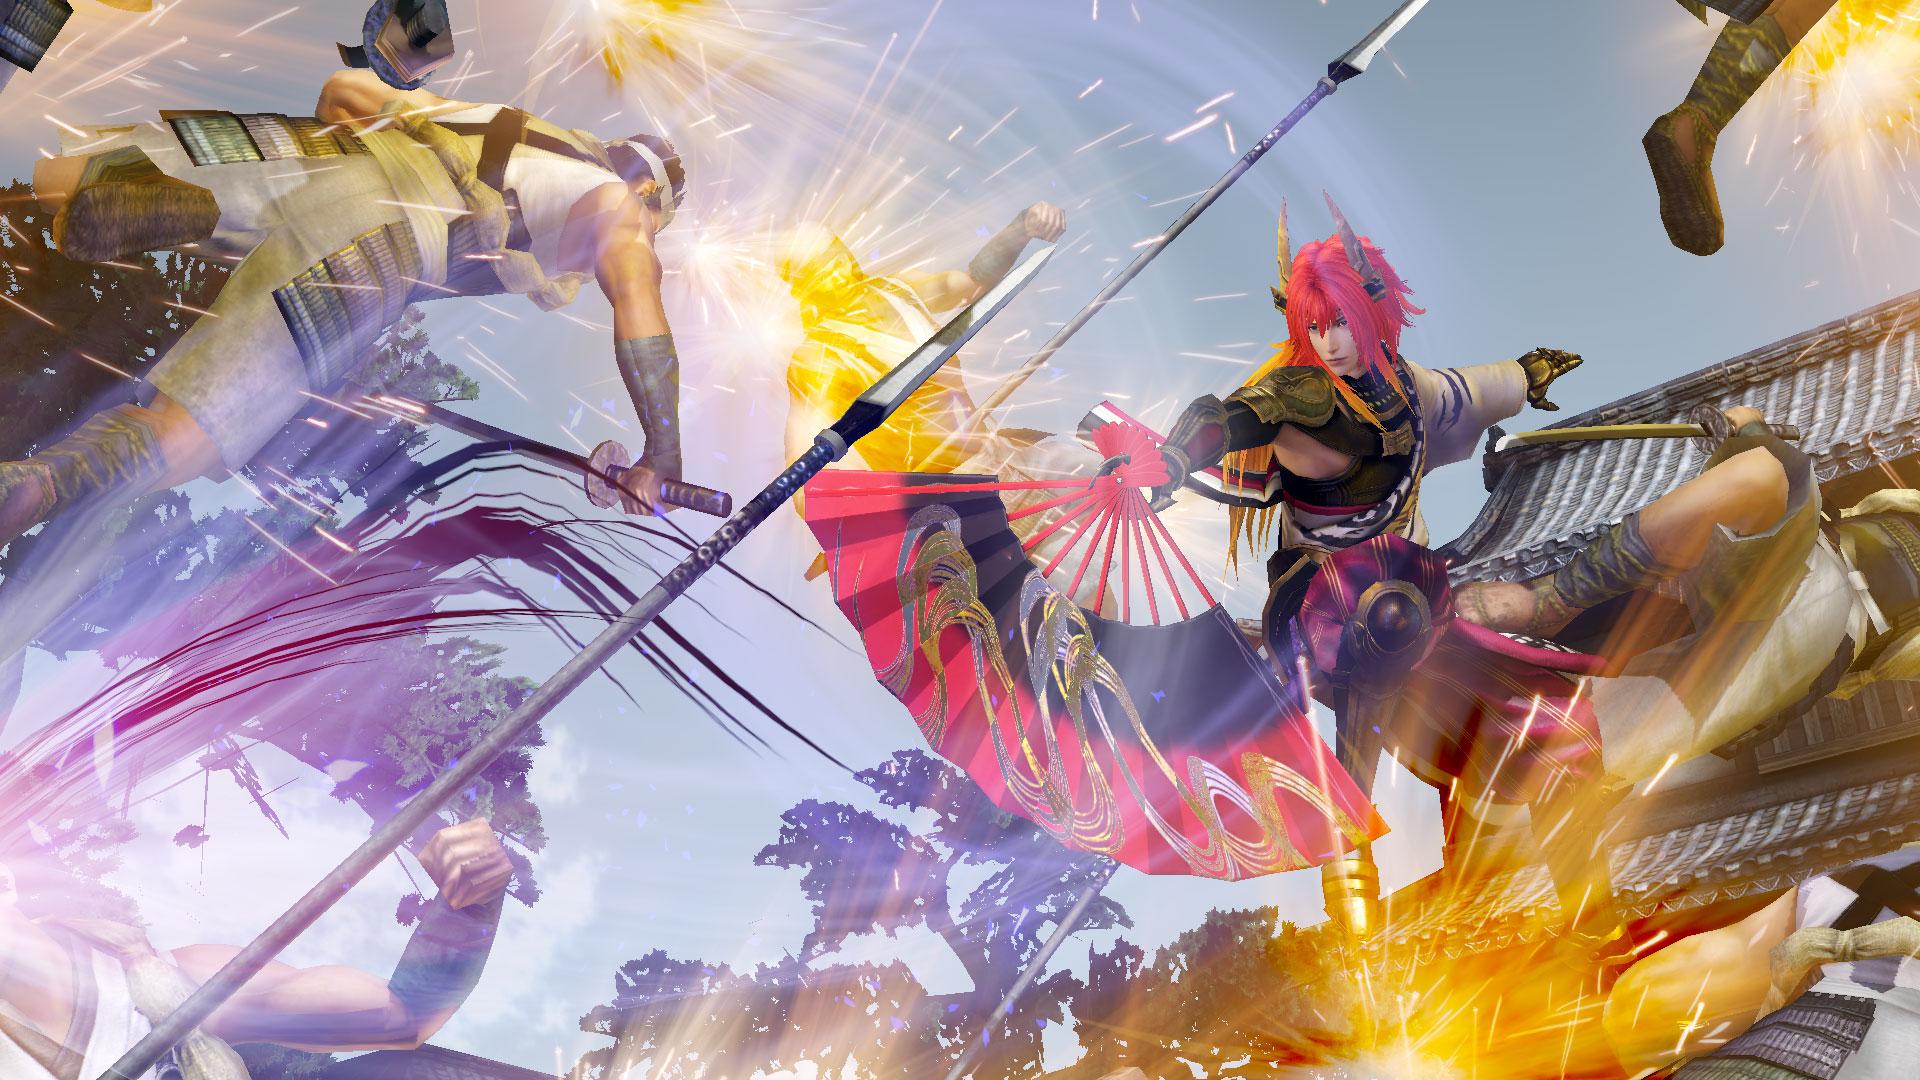 石田三成とエディット武将が装備可能な特典武器。「戦-ikusa-」のMUSIC VIDEOで鈴華ゆうこさんが使用している扇子がモチーフ。装備すると「戦-ikusa-」を聞きながらプレイできる機能が付与される